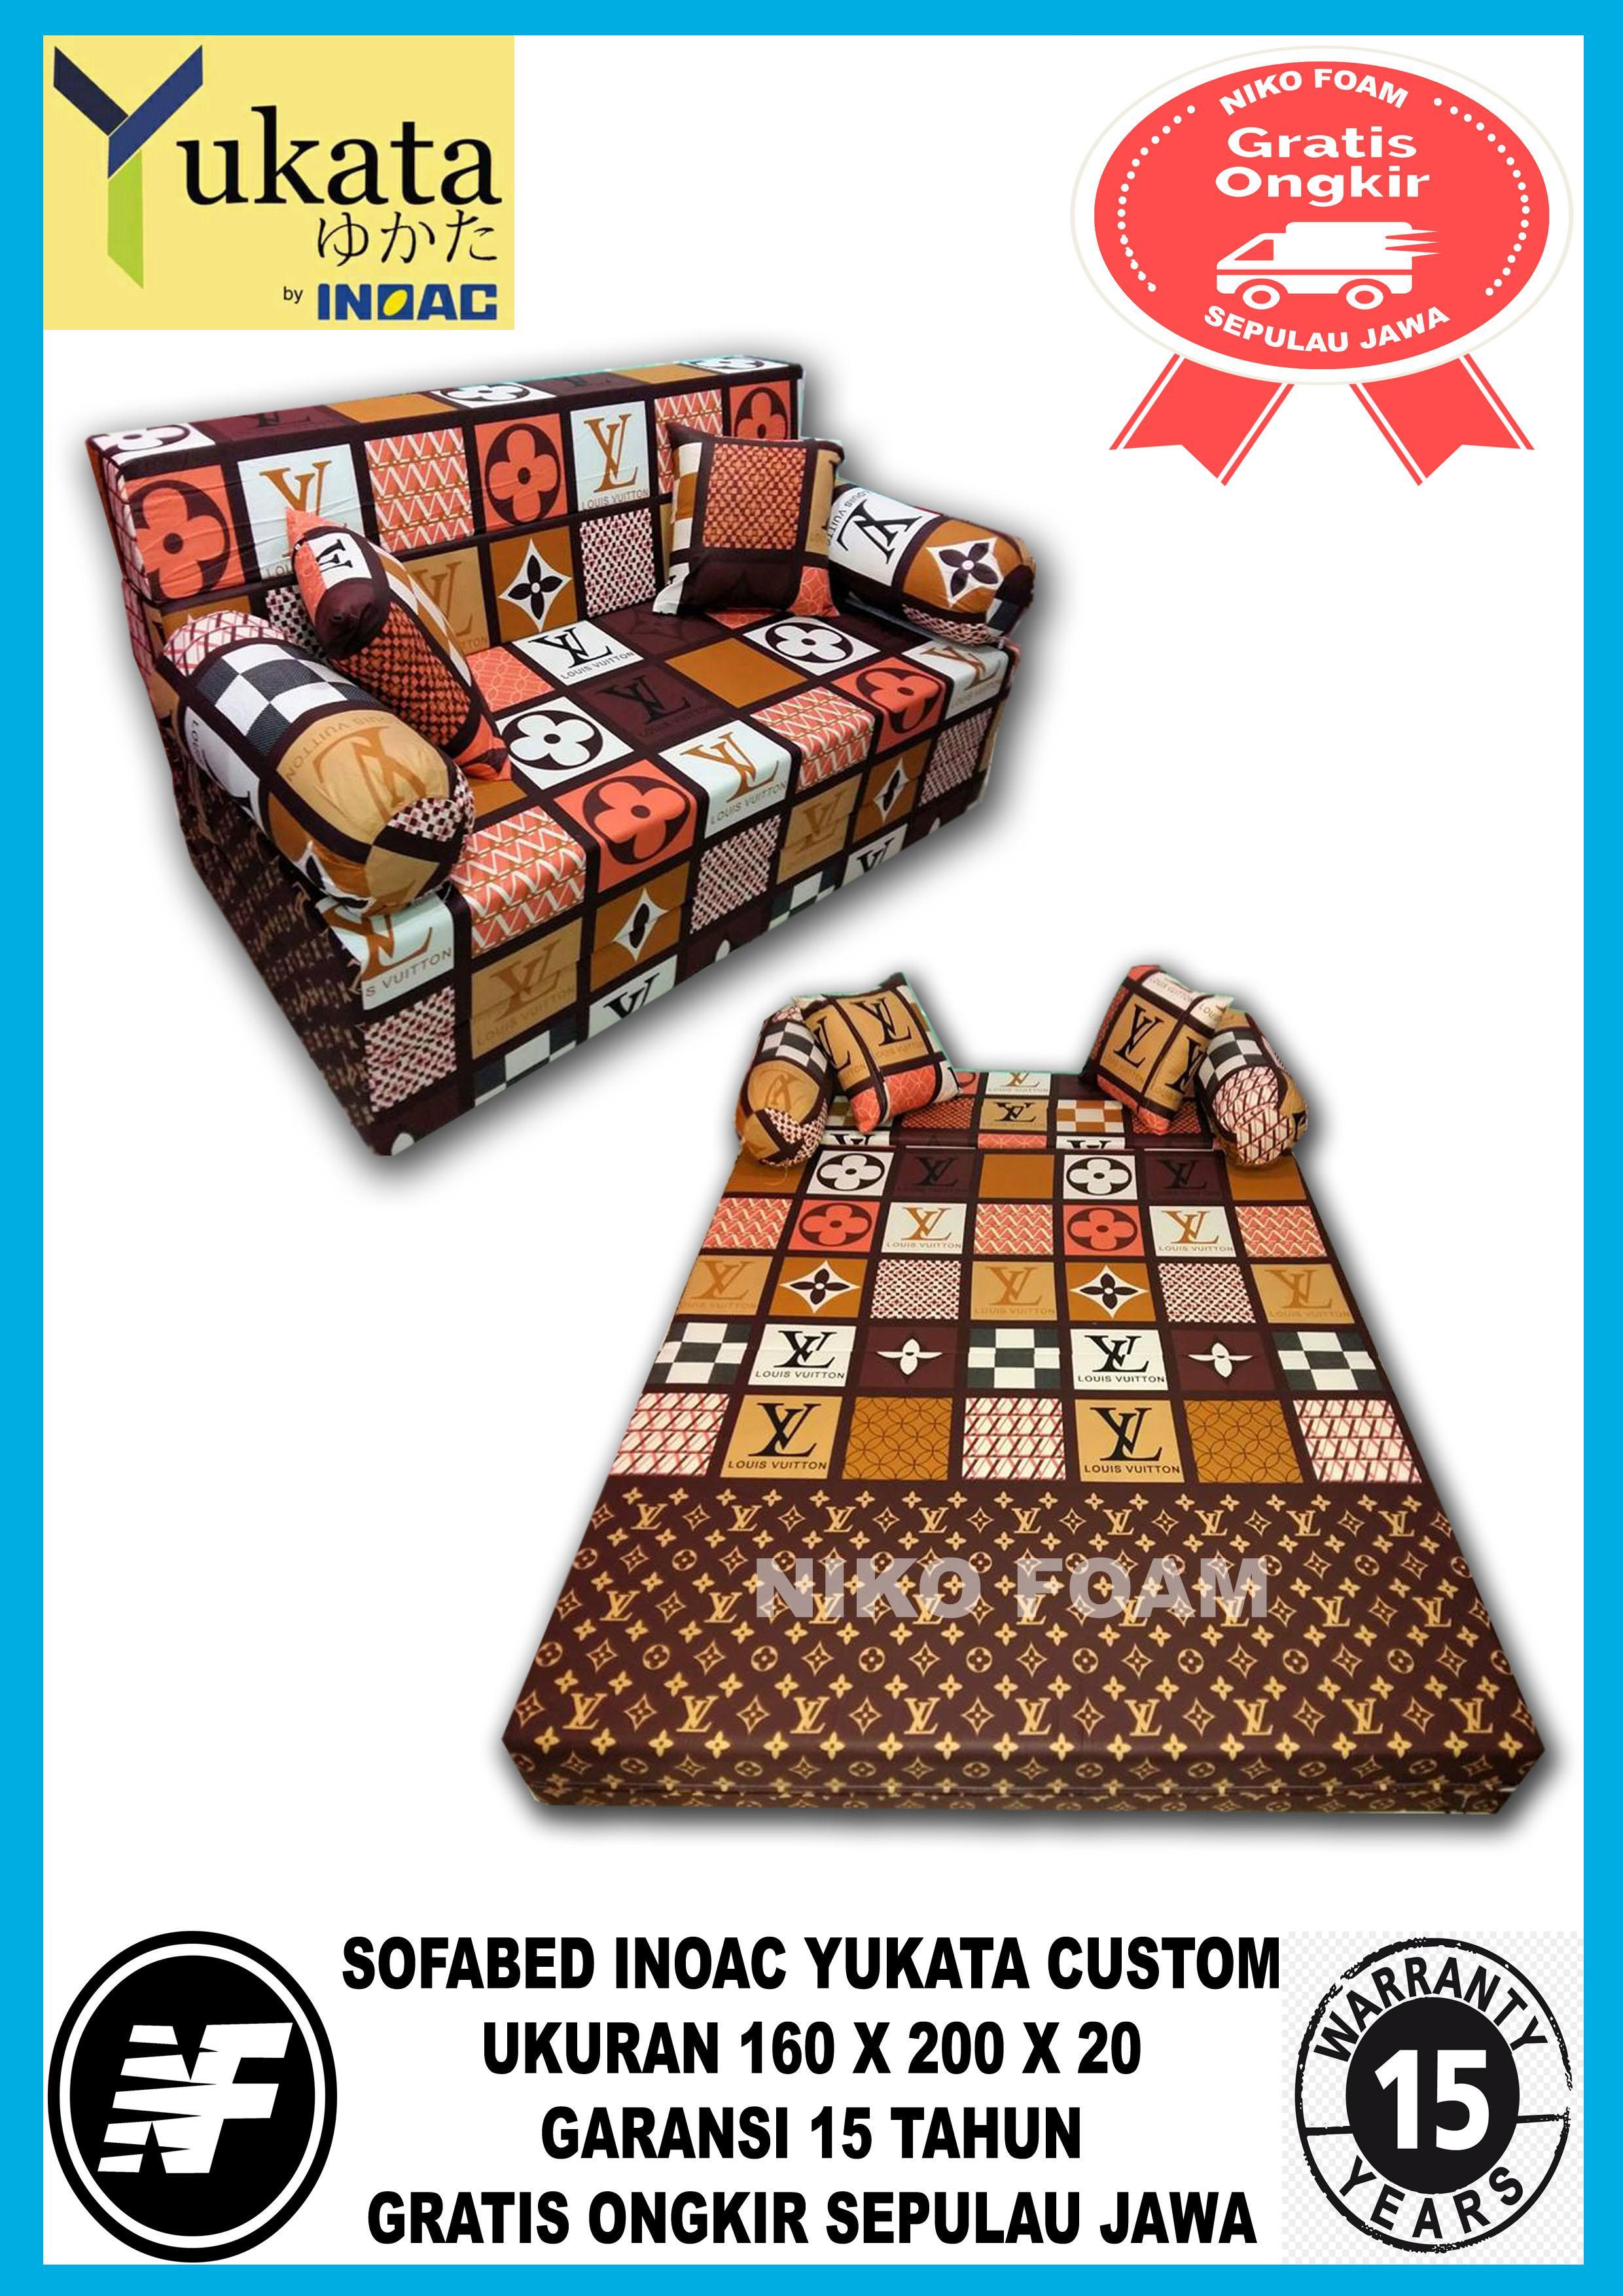 [ GARANSI 15 TAHUN ] Sofa Bed minimalis / Sofa Bed Inoac / Sofa Bed murah / Cover Sofa Bed / Sofa Bed karakter / Sarung Sofa Bed / Sofa Bed lipat /   informa Sofabed/kasur  Inoac   YUKATA CUSTOM No 2 (160 X 200 X 20) LV COKLAT